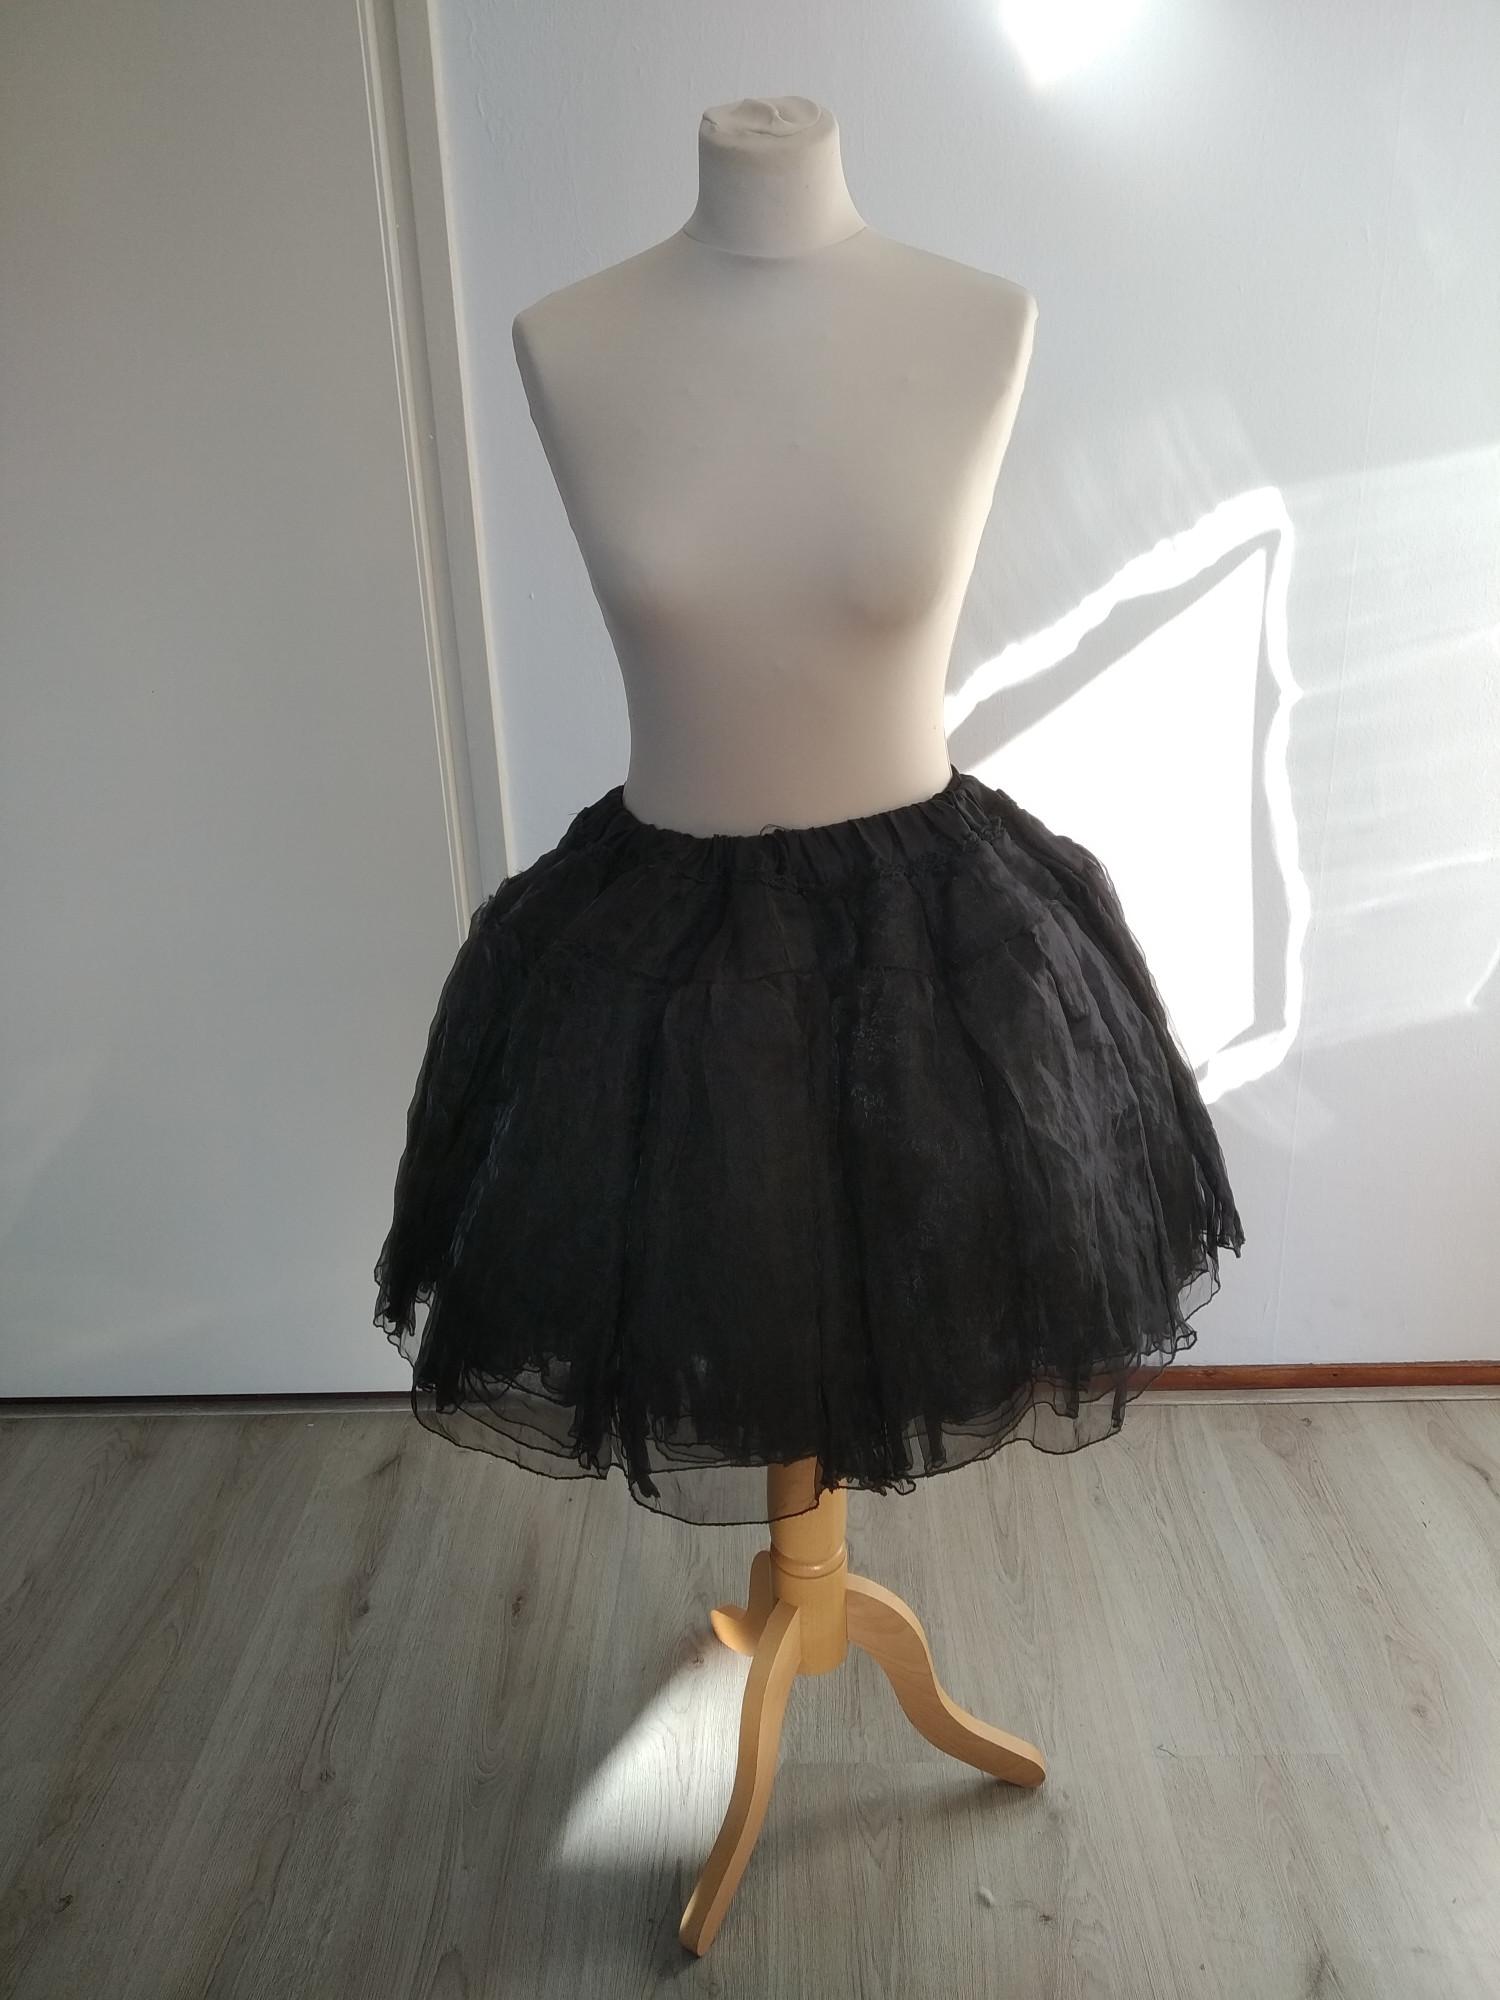 Queen of hearts petticoat